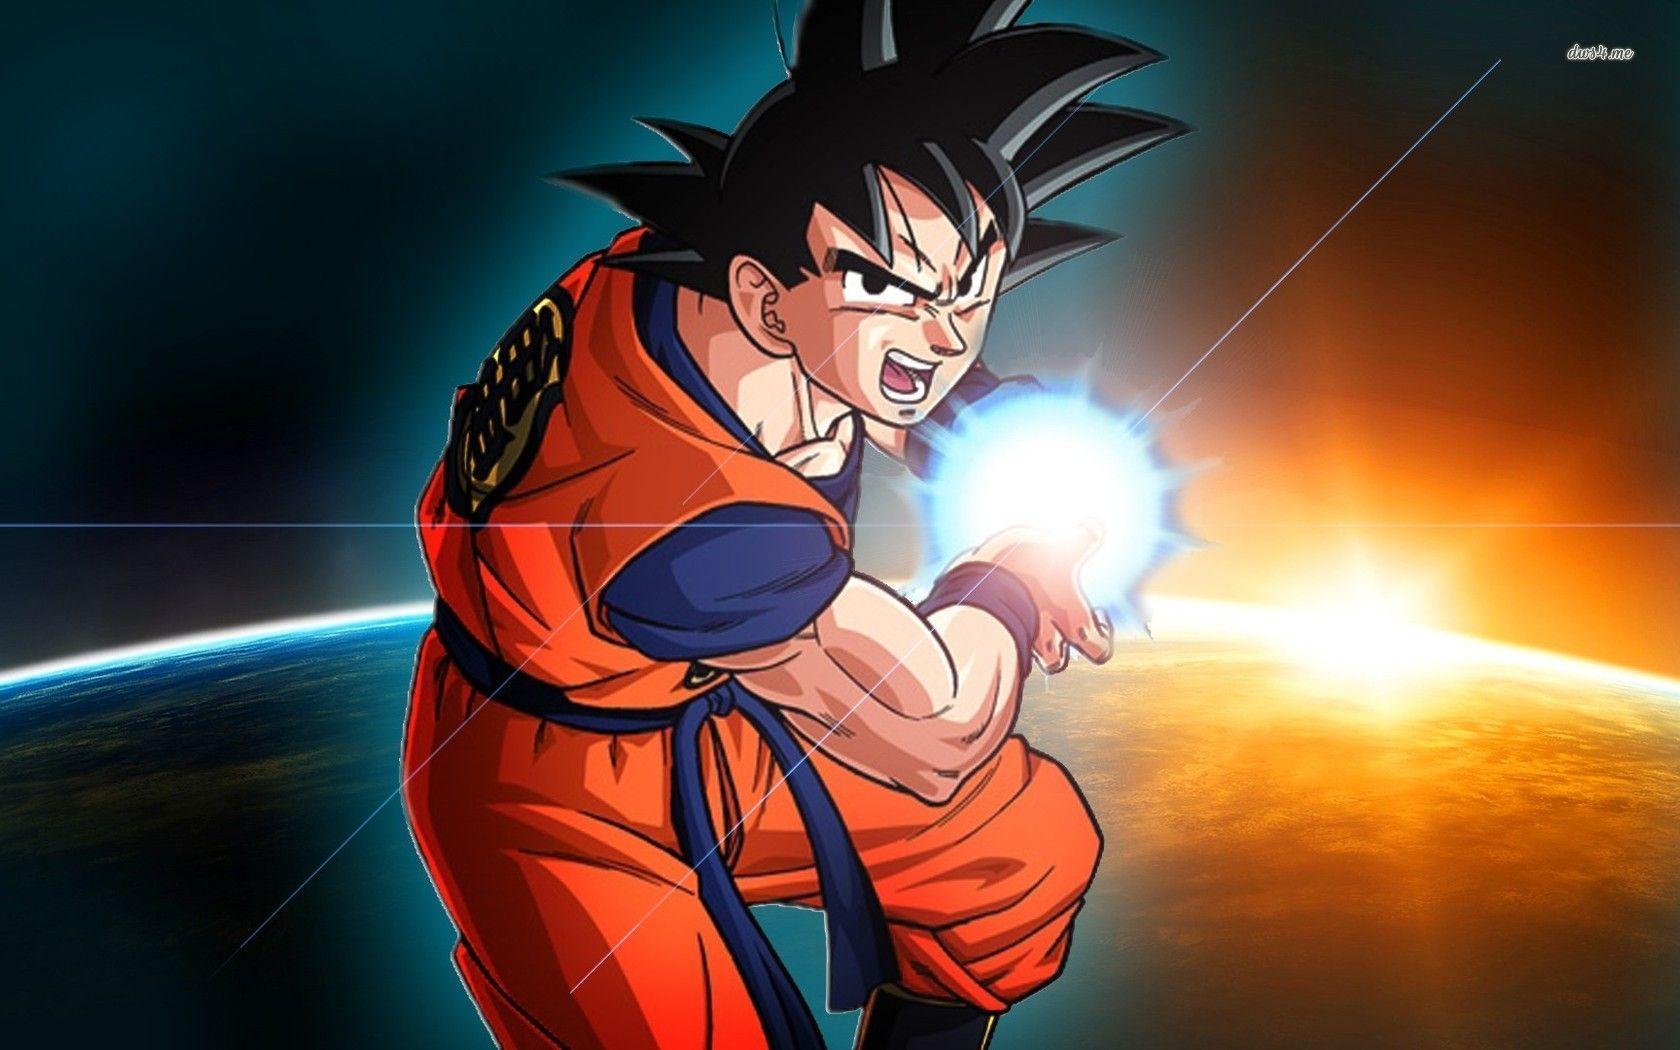 76 ] Dragon Ball Z Wallpapers Goku On WallpaperSafari